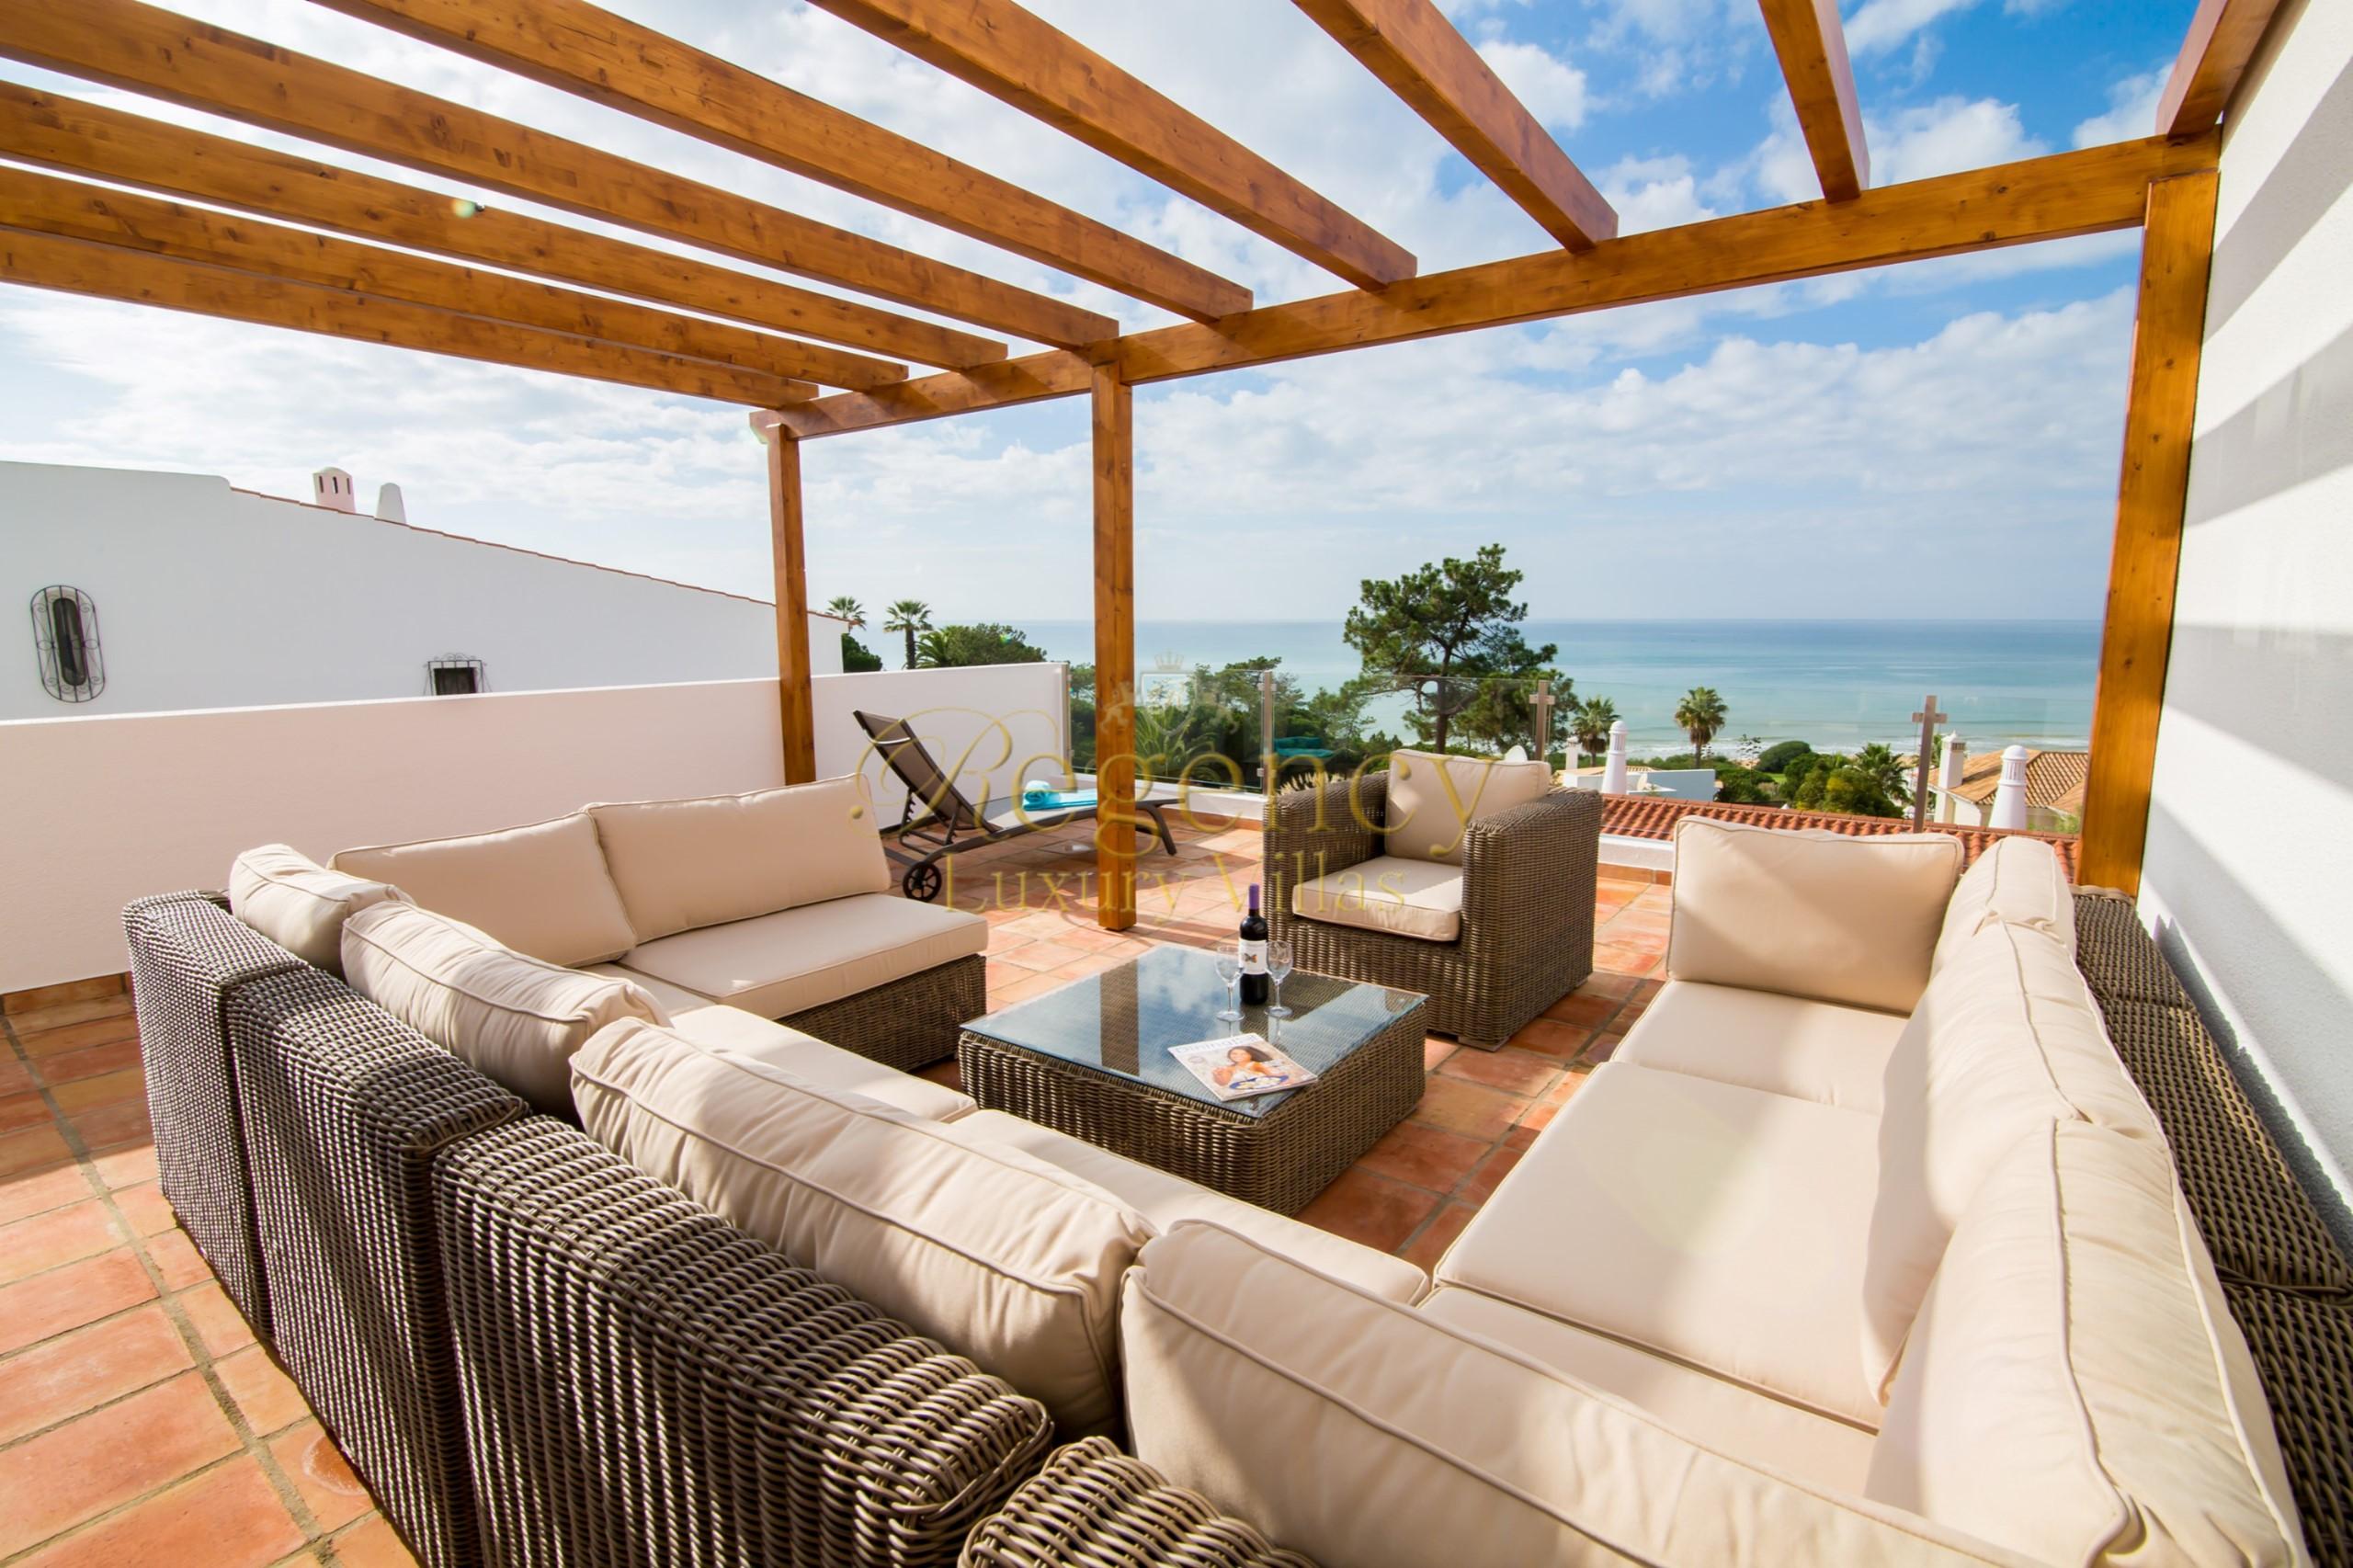 4 Bedroom Villa To Rent In Vale Do Lobo Villa Viridine Regency Luxury Villas 16